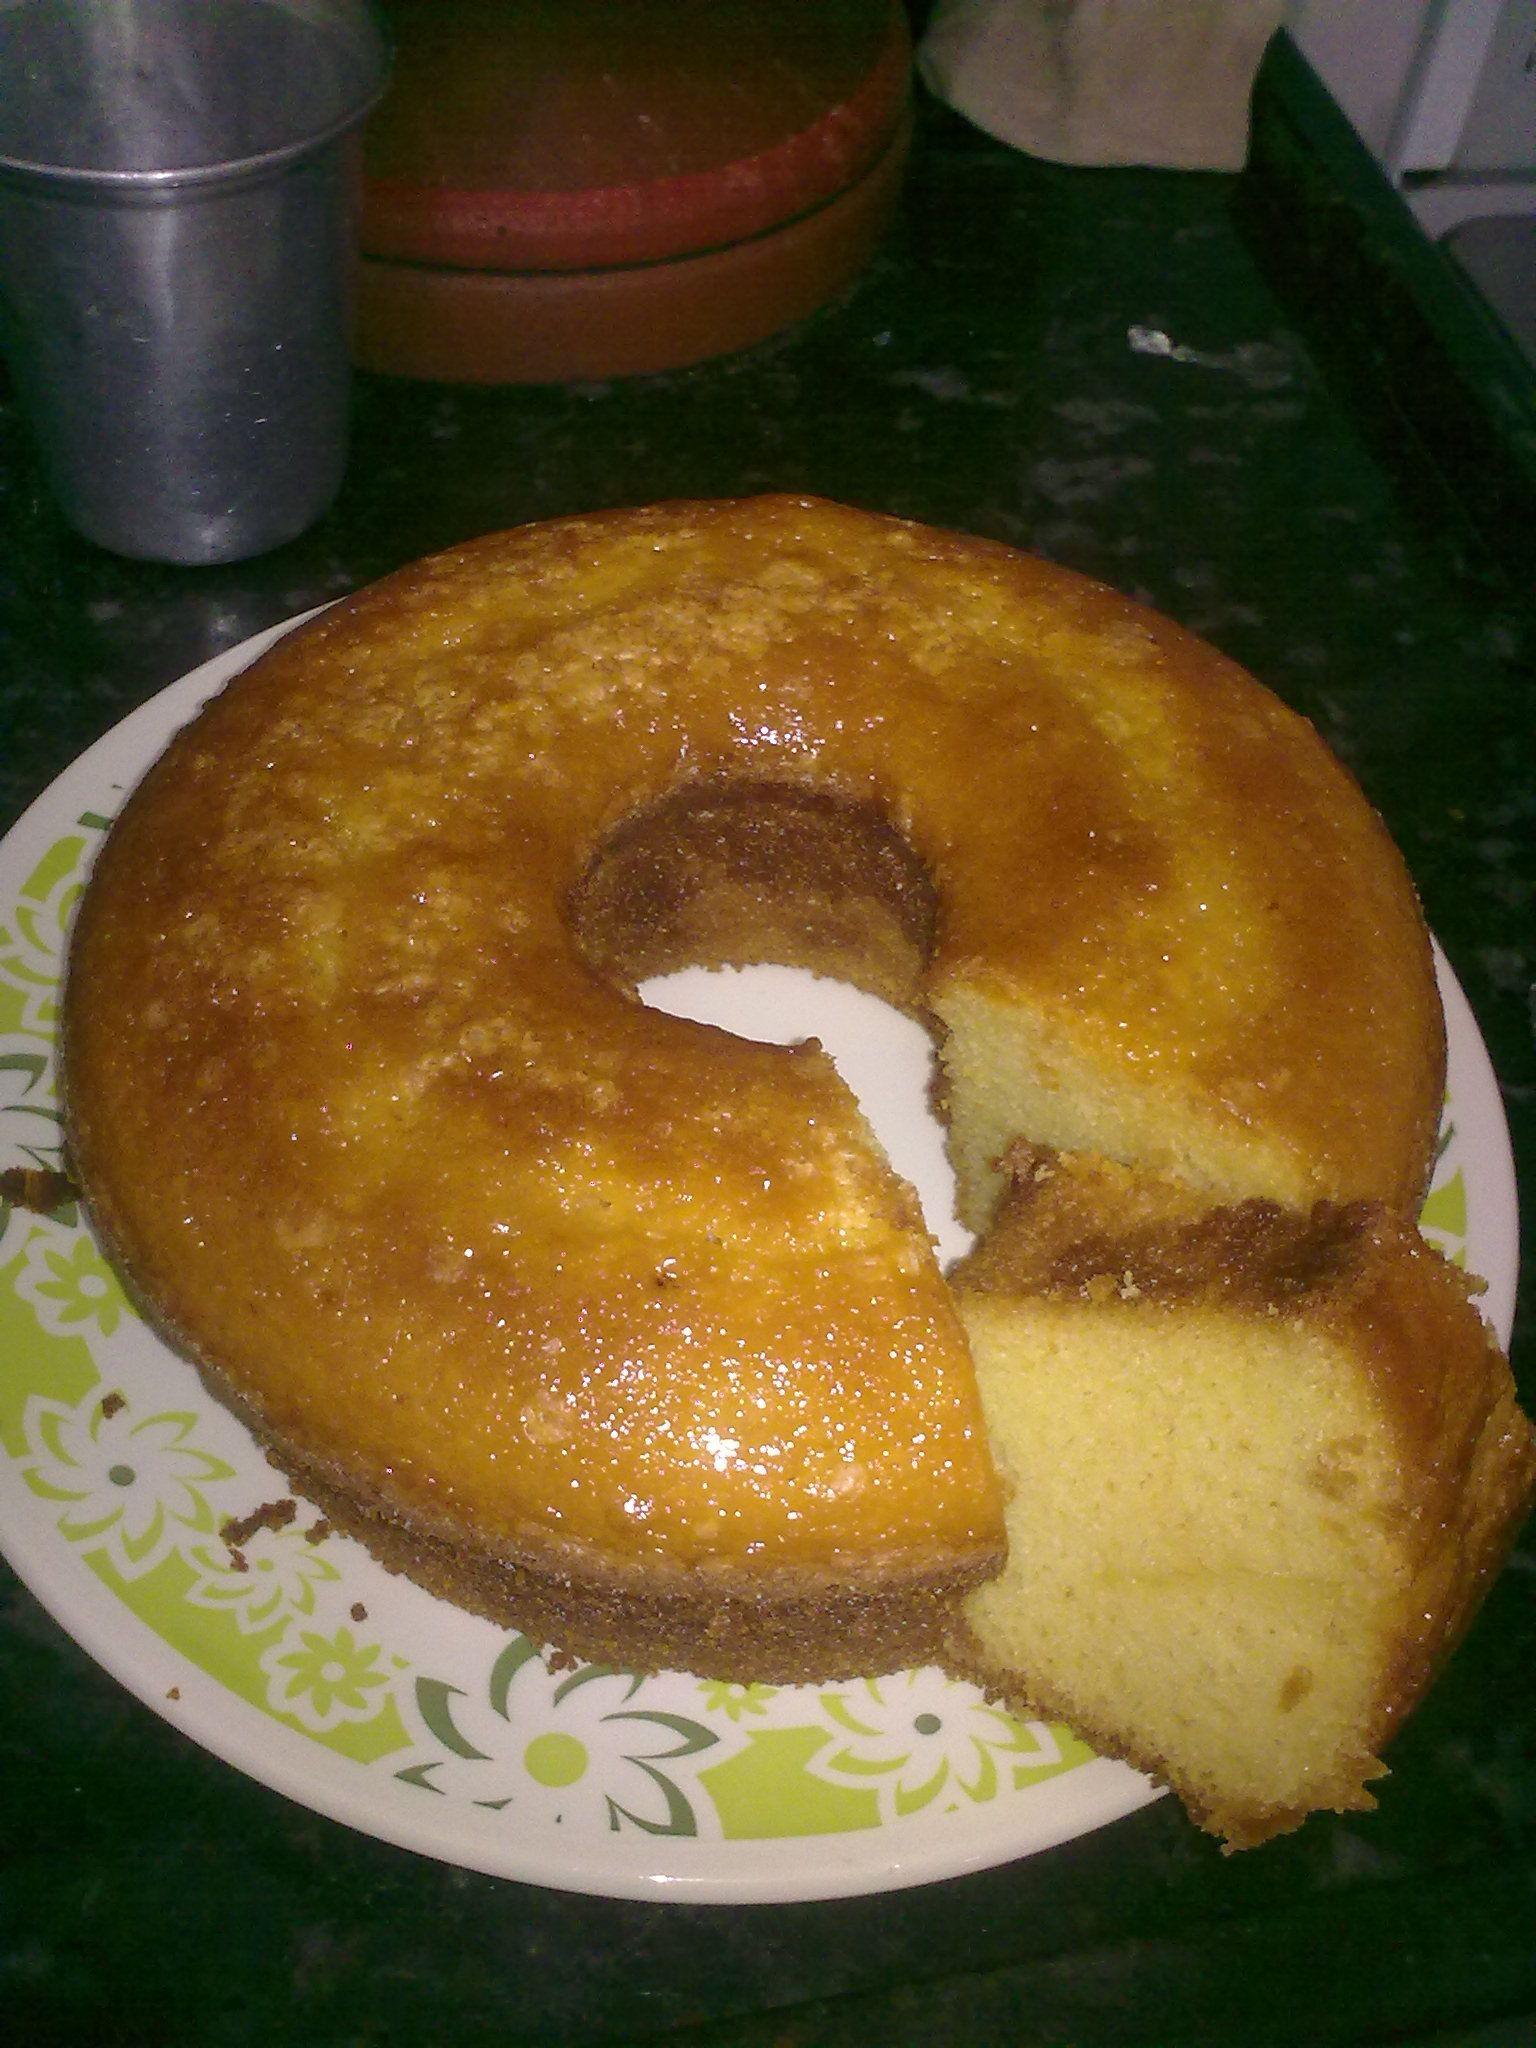 1 caneca cheia de farinha de arroz (caneca equivale a 2 xícaras de chá bem cheias)  - 1 caneca cheia de açúcar  - 3 ovos  - 1/2 copo de óleo  - 250 ml de suco concentrado de laranja maguary  - 1 colher de sopa de fermento  -